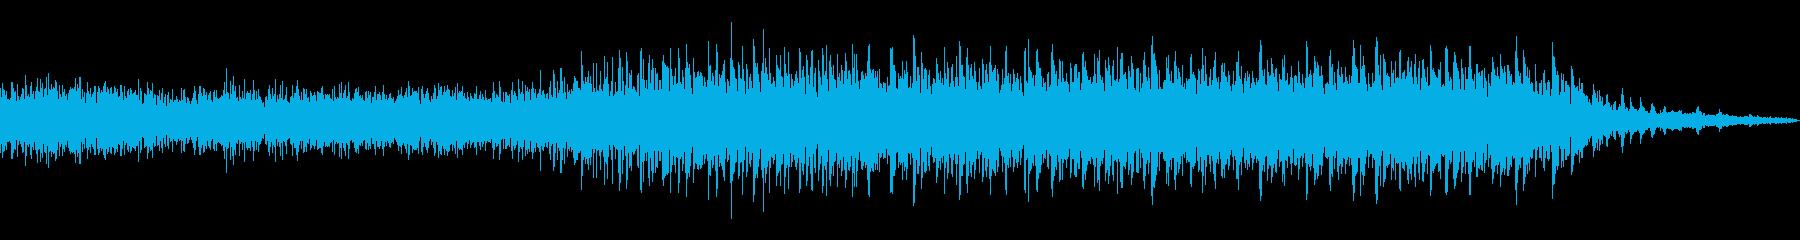 ディーゼルトラック:日野ディーゼル...の再生済みの波形